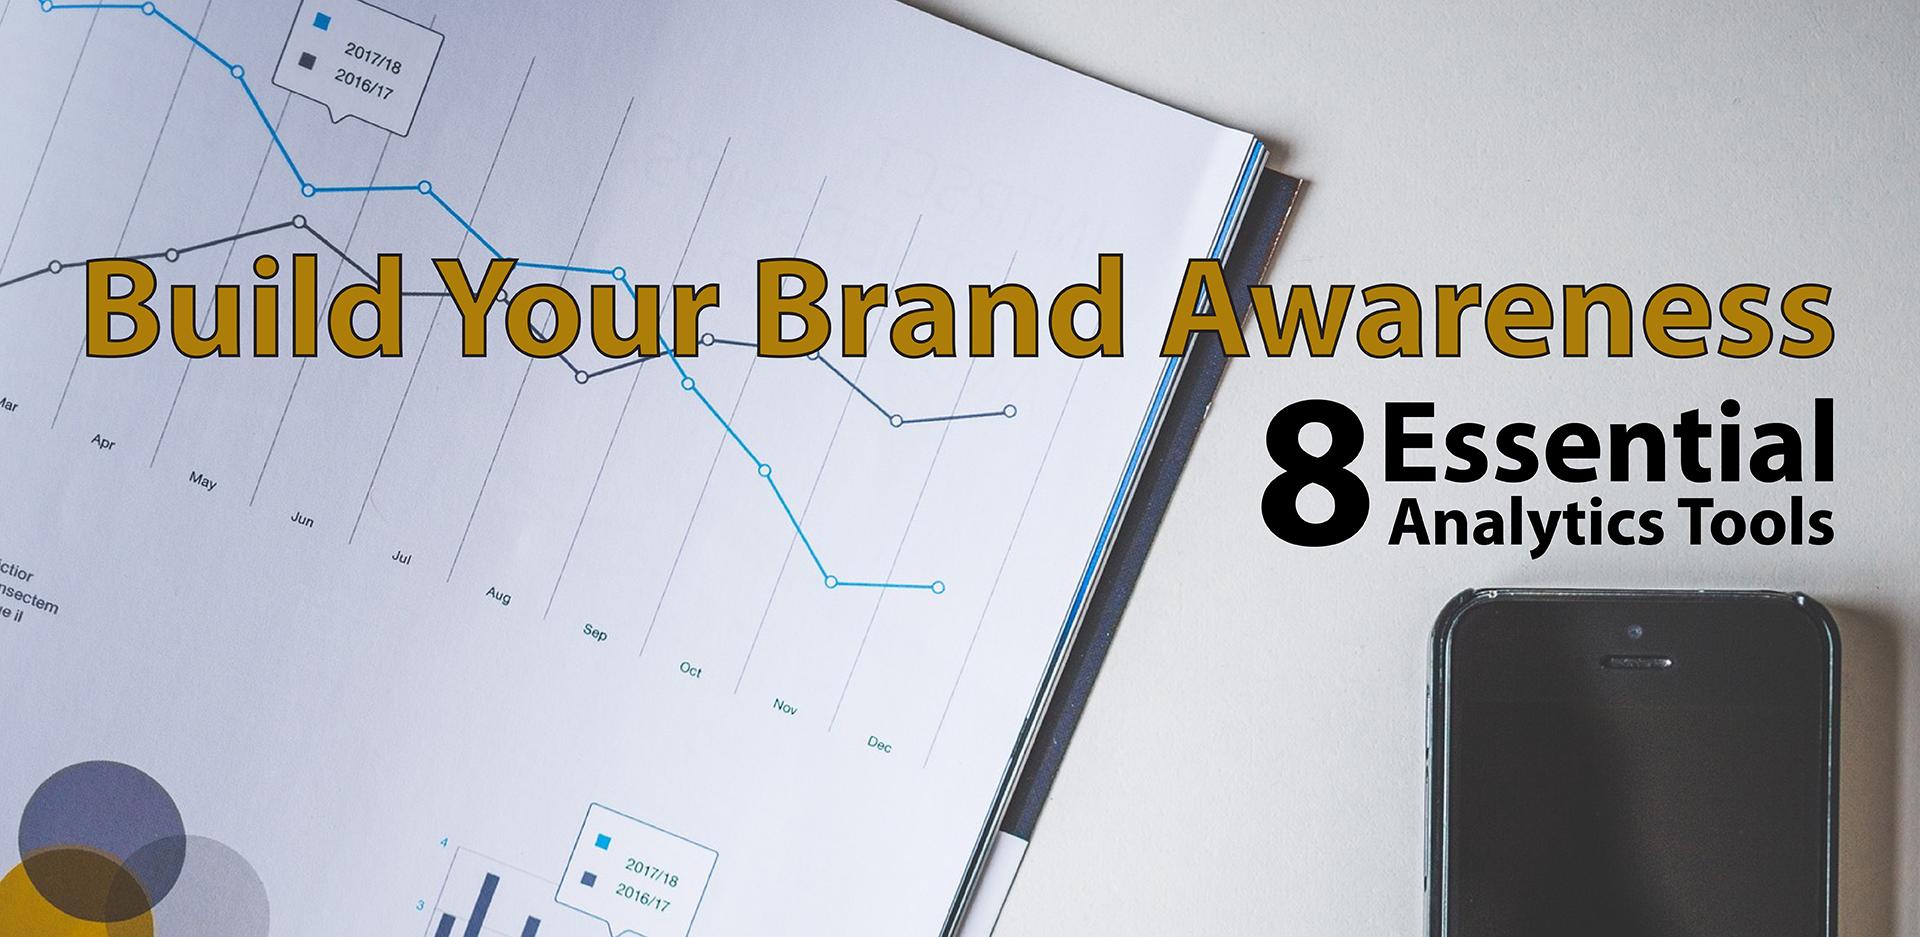 Build-your-brand-awareness